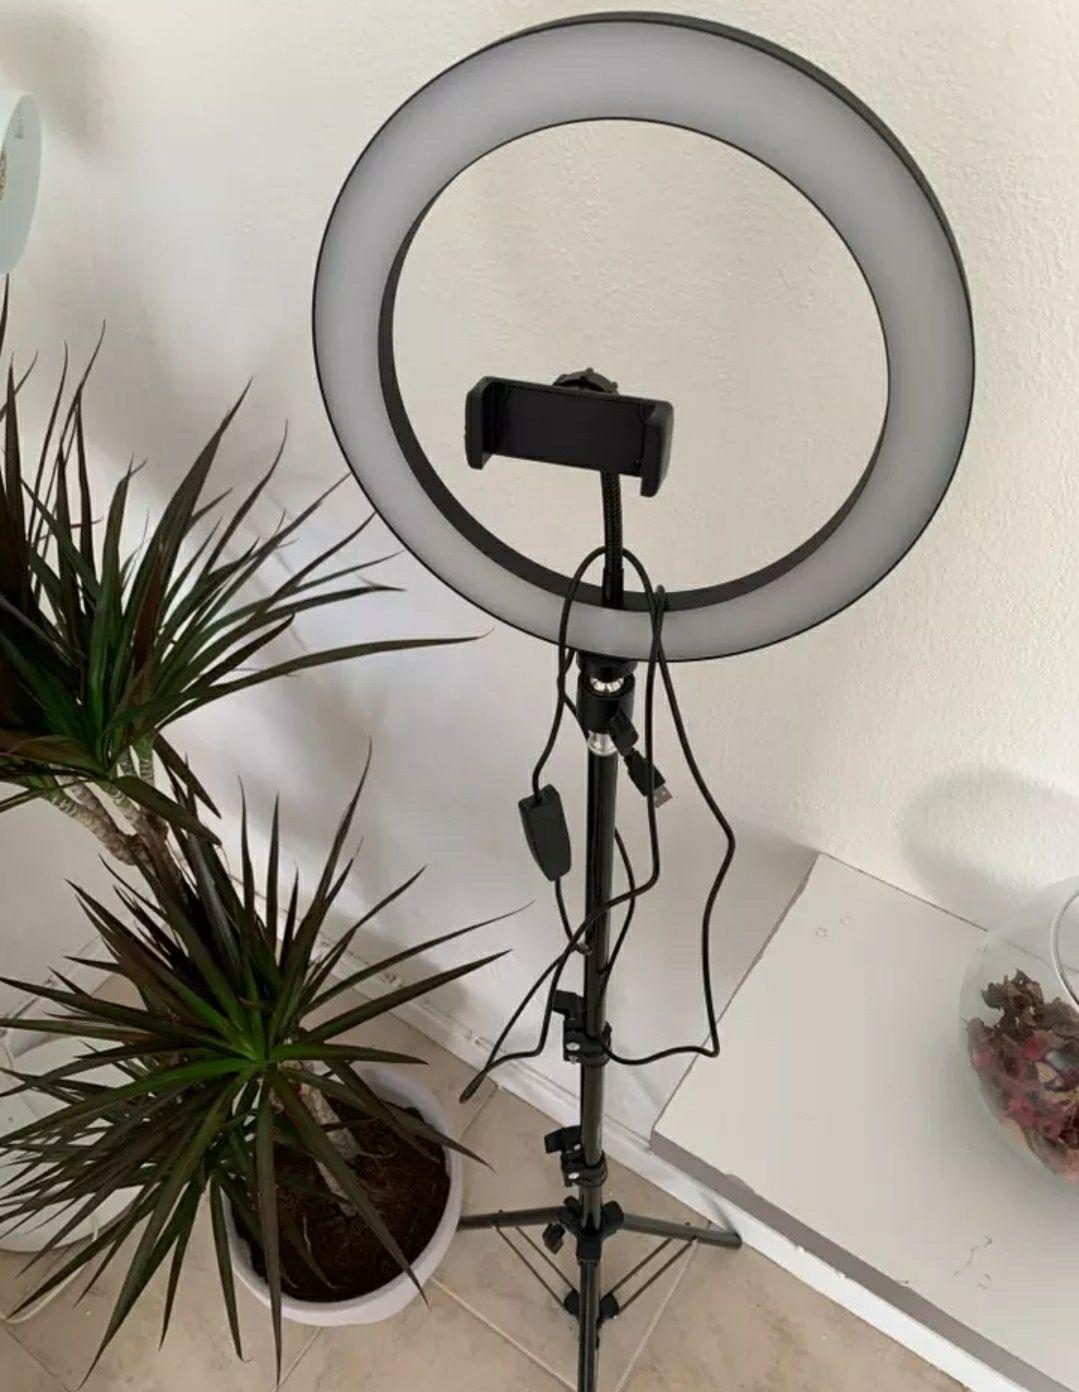 Ring Light com Tripé Extensível Até 160 cm - Anel 26cm [NOVOS]